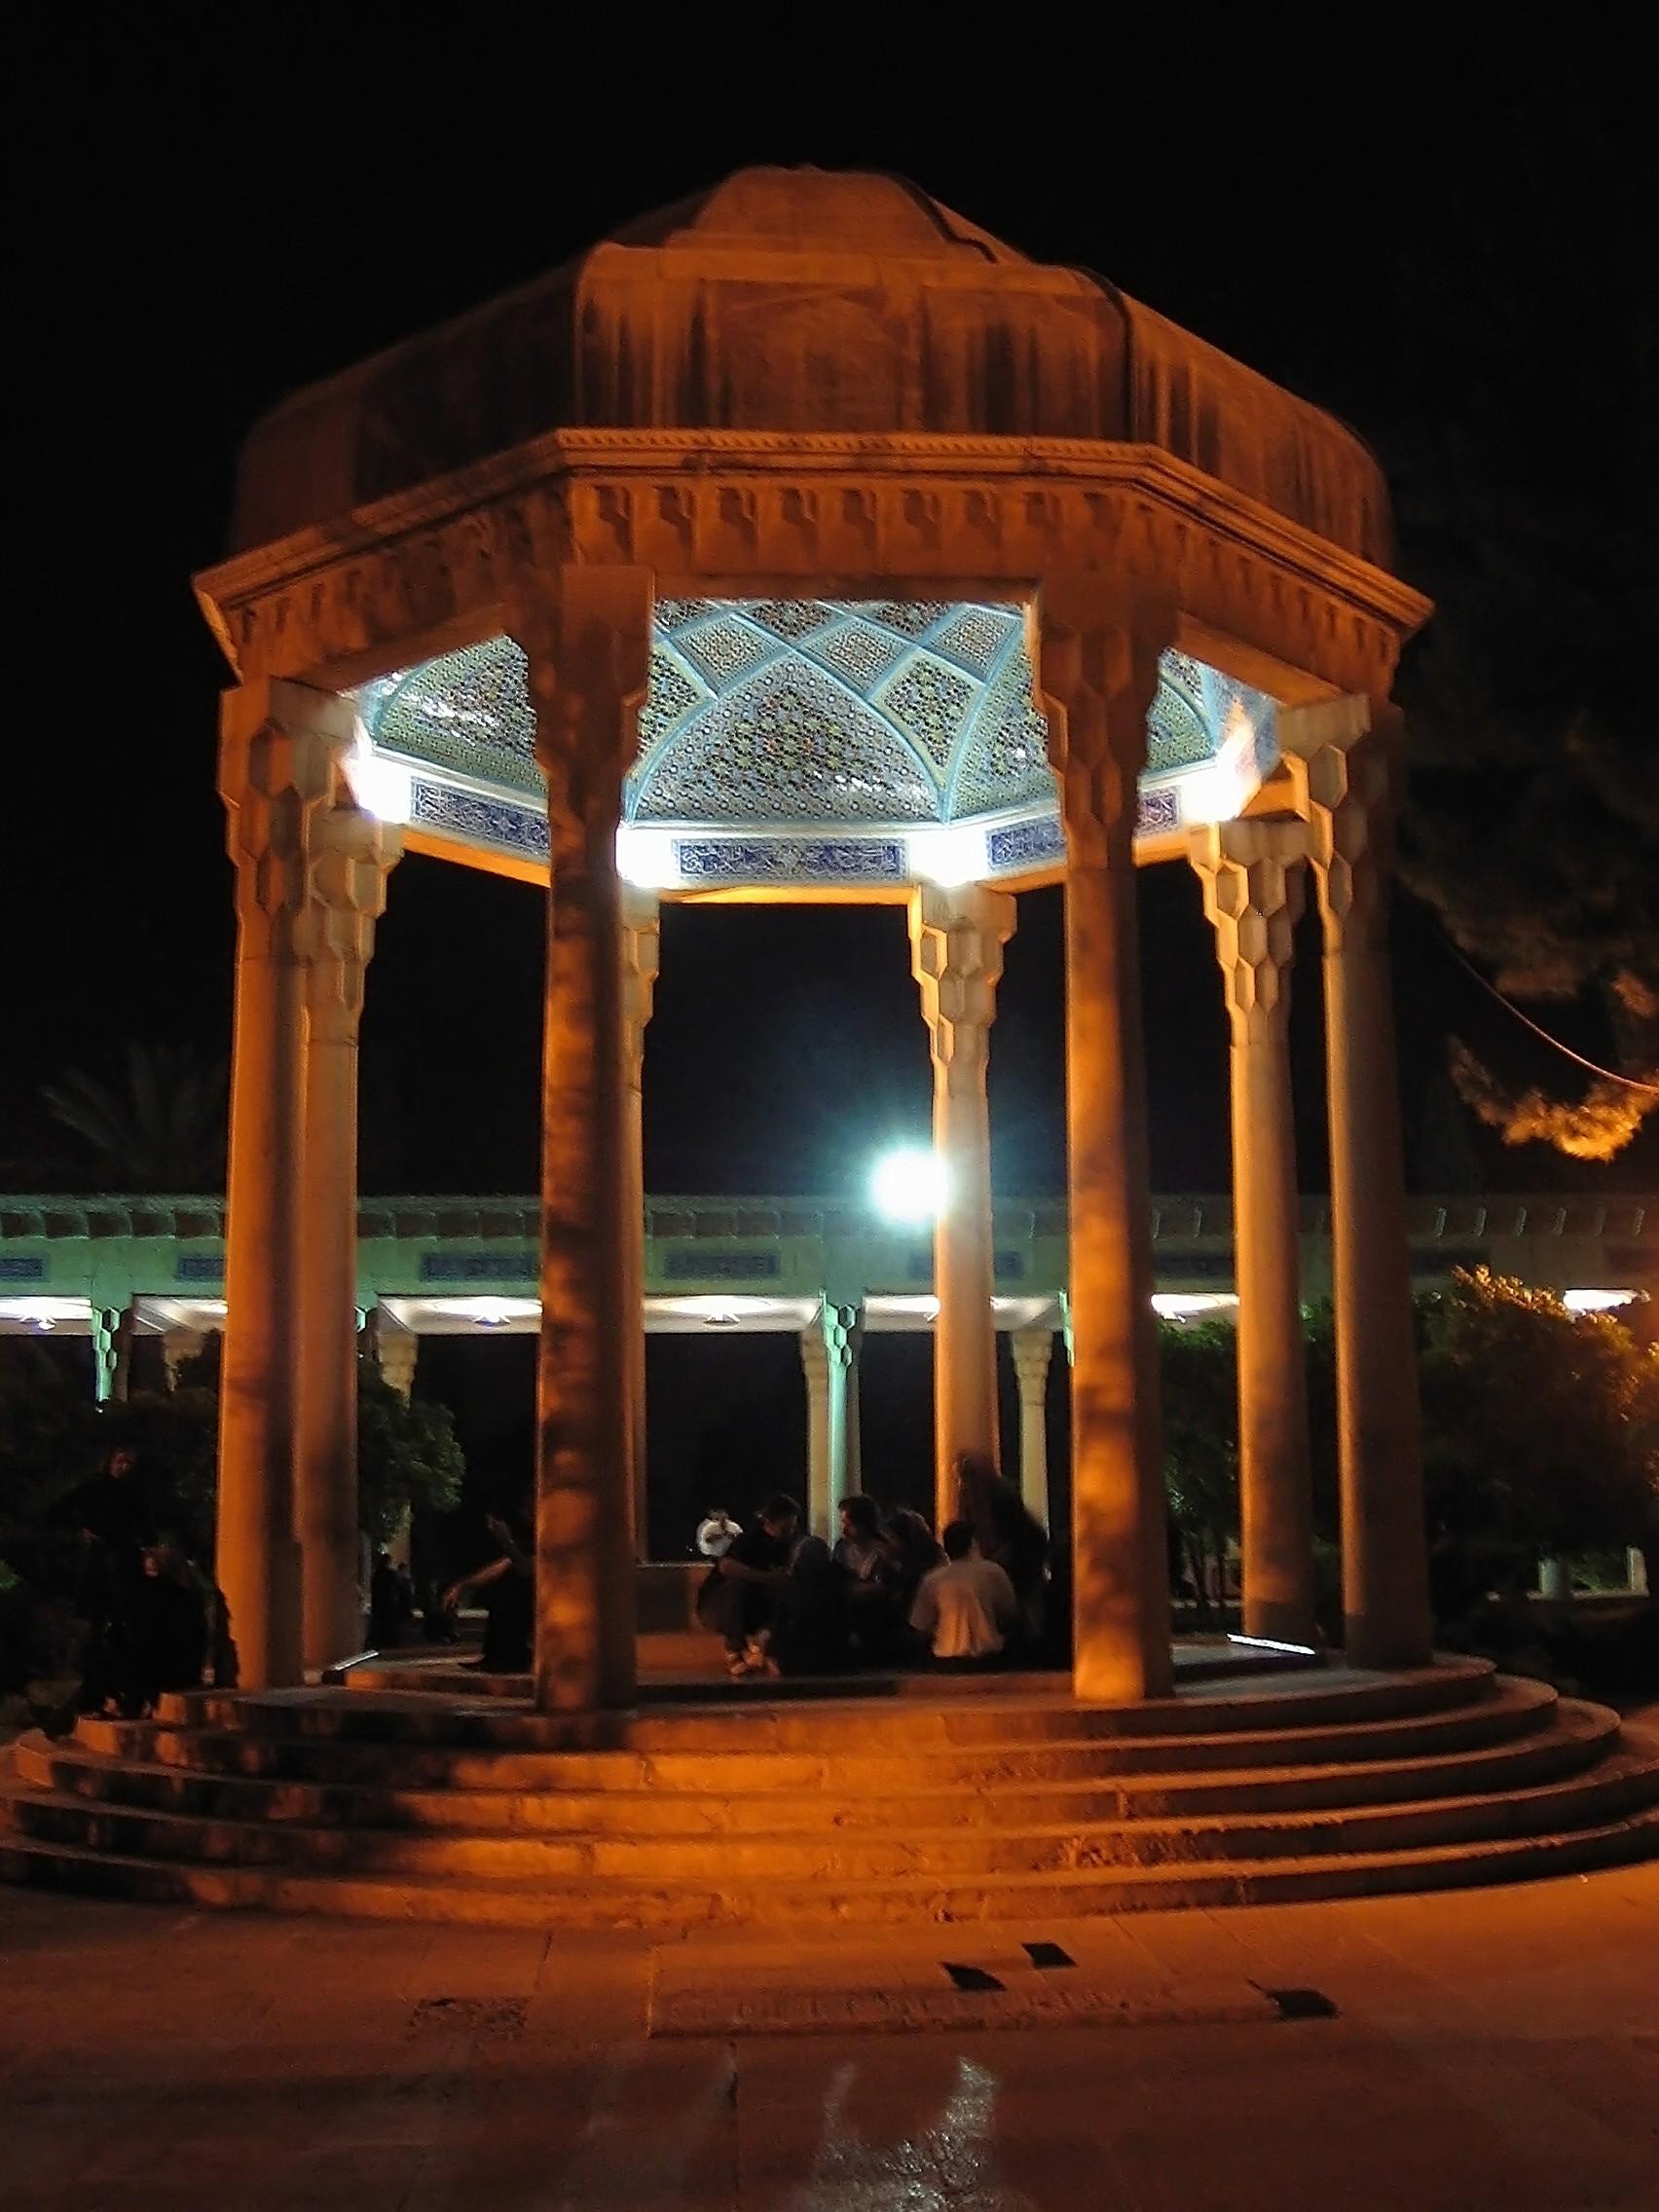 تصویر در شب از حافظیه در مجموعه ویکیپدیا